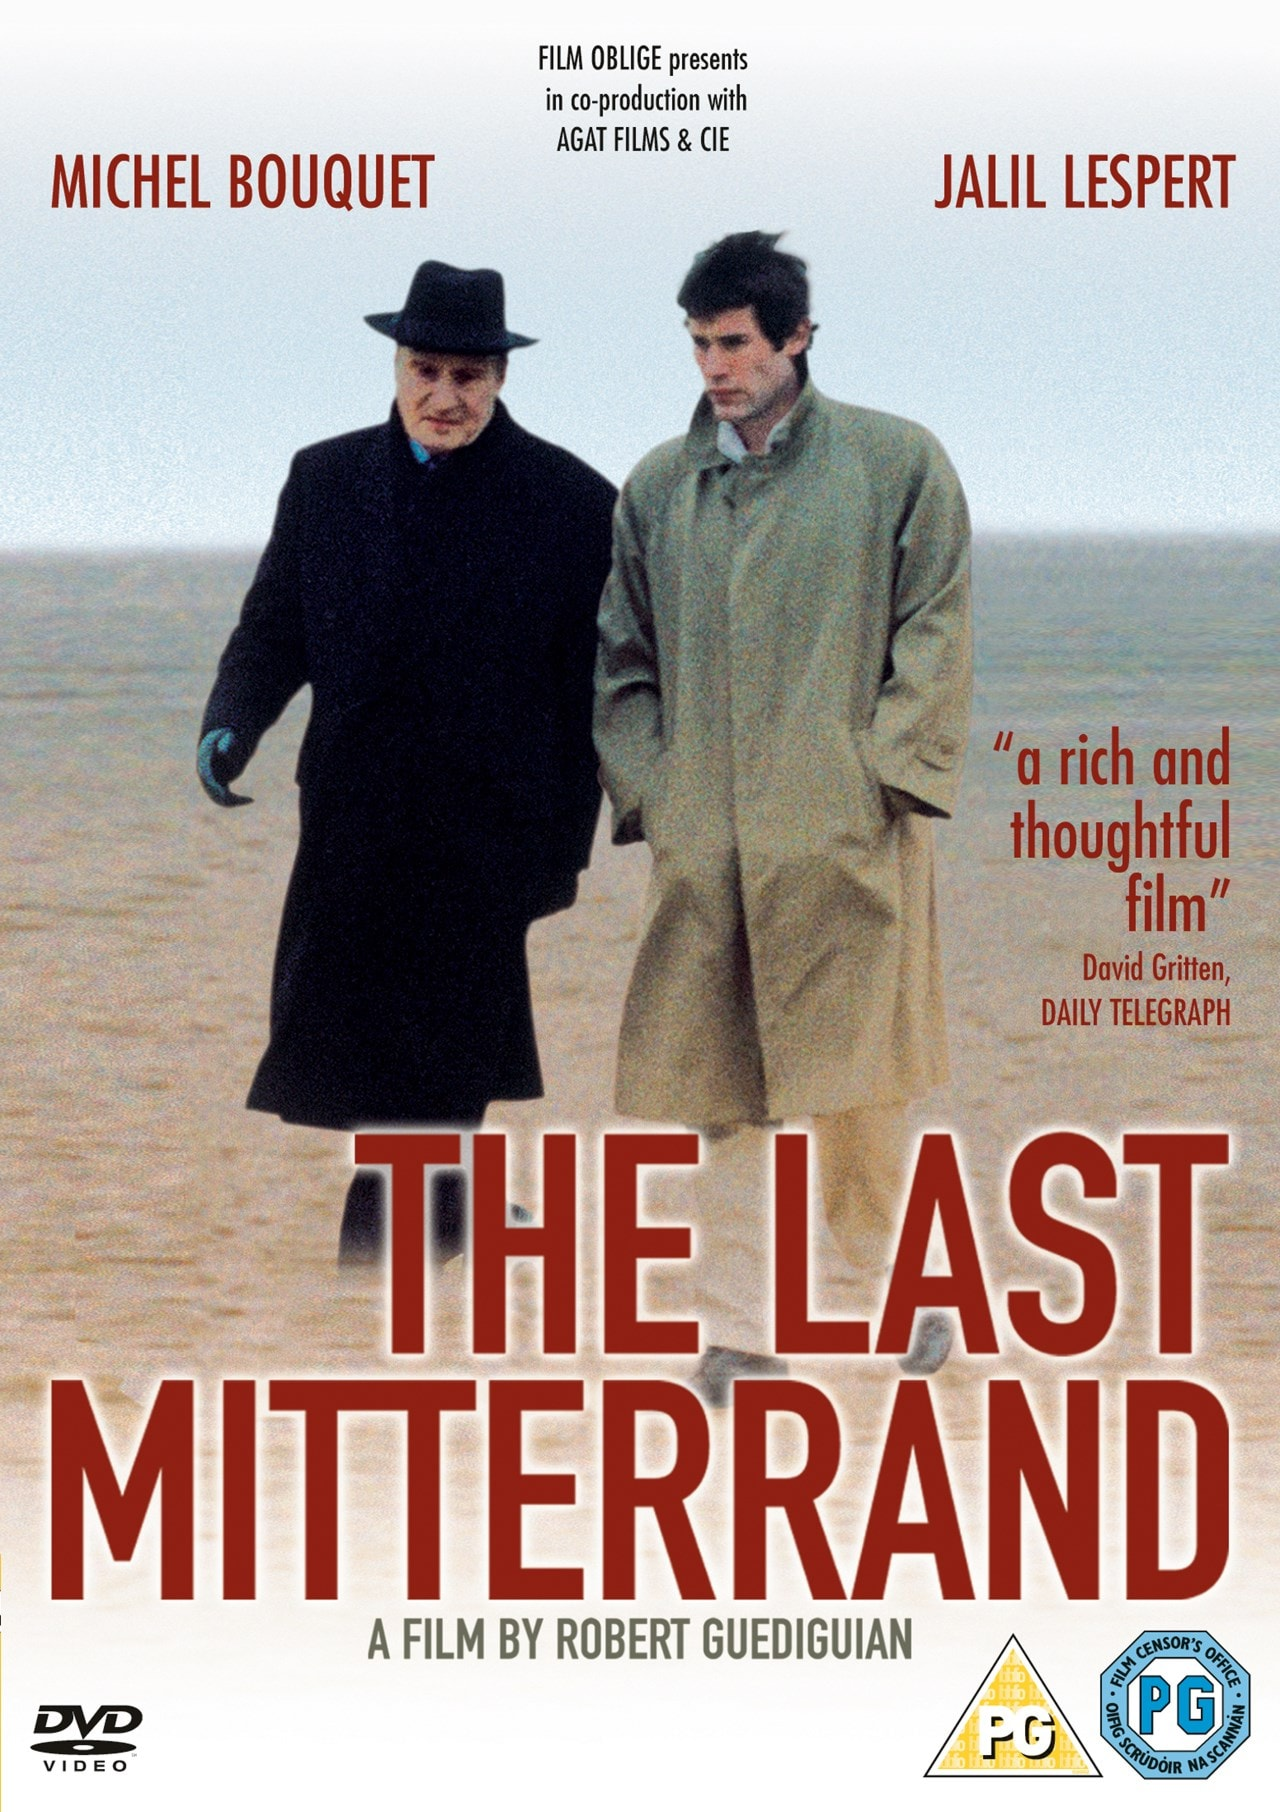 The Last Mitterrand - 1